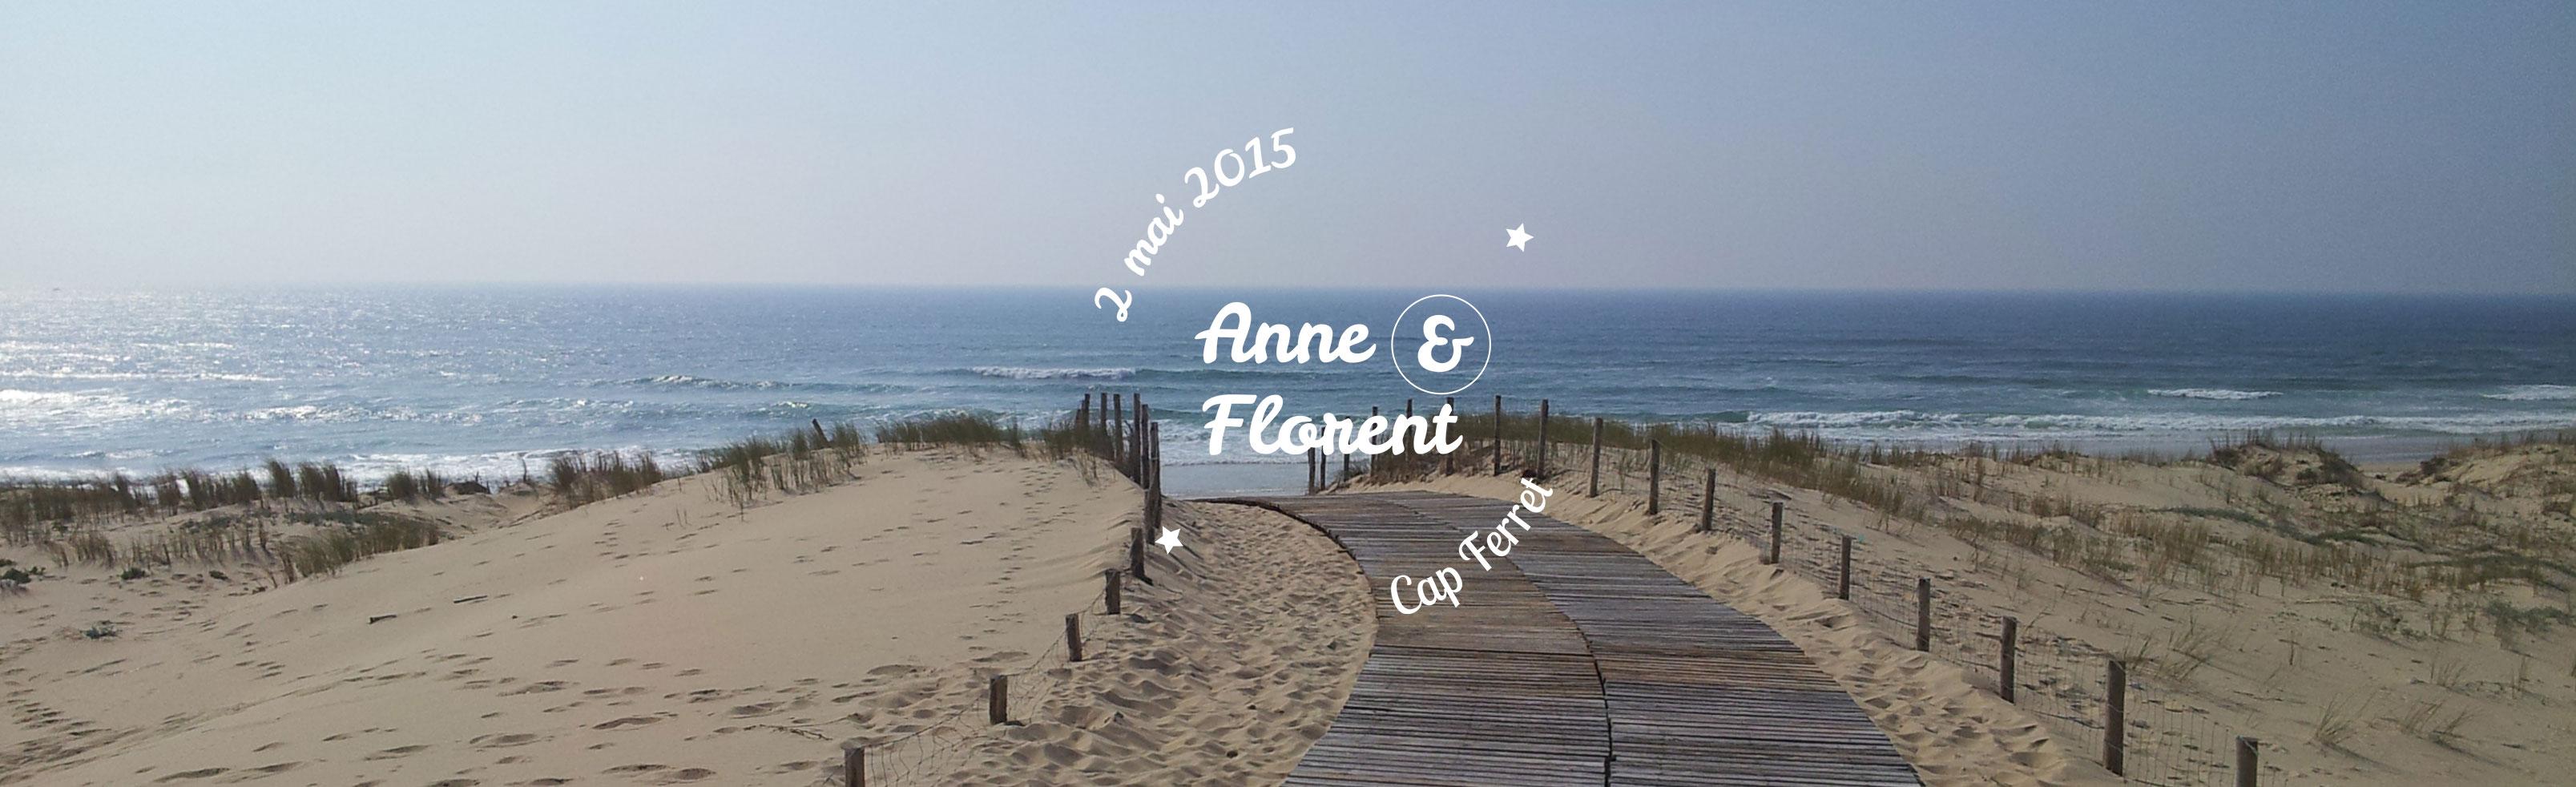 Anne et Florent Cap Ferret 2 mai 2015